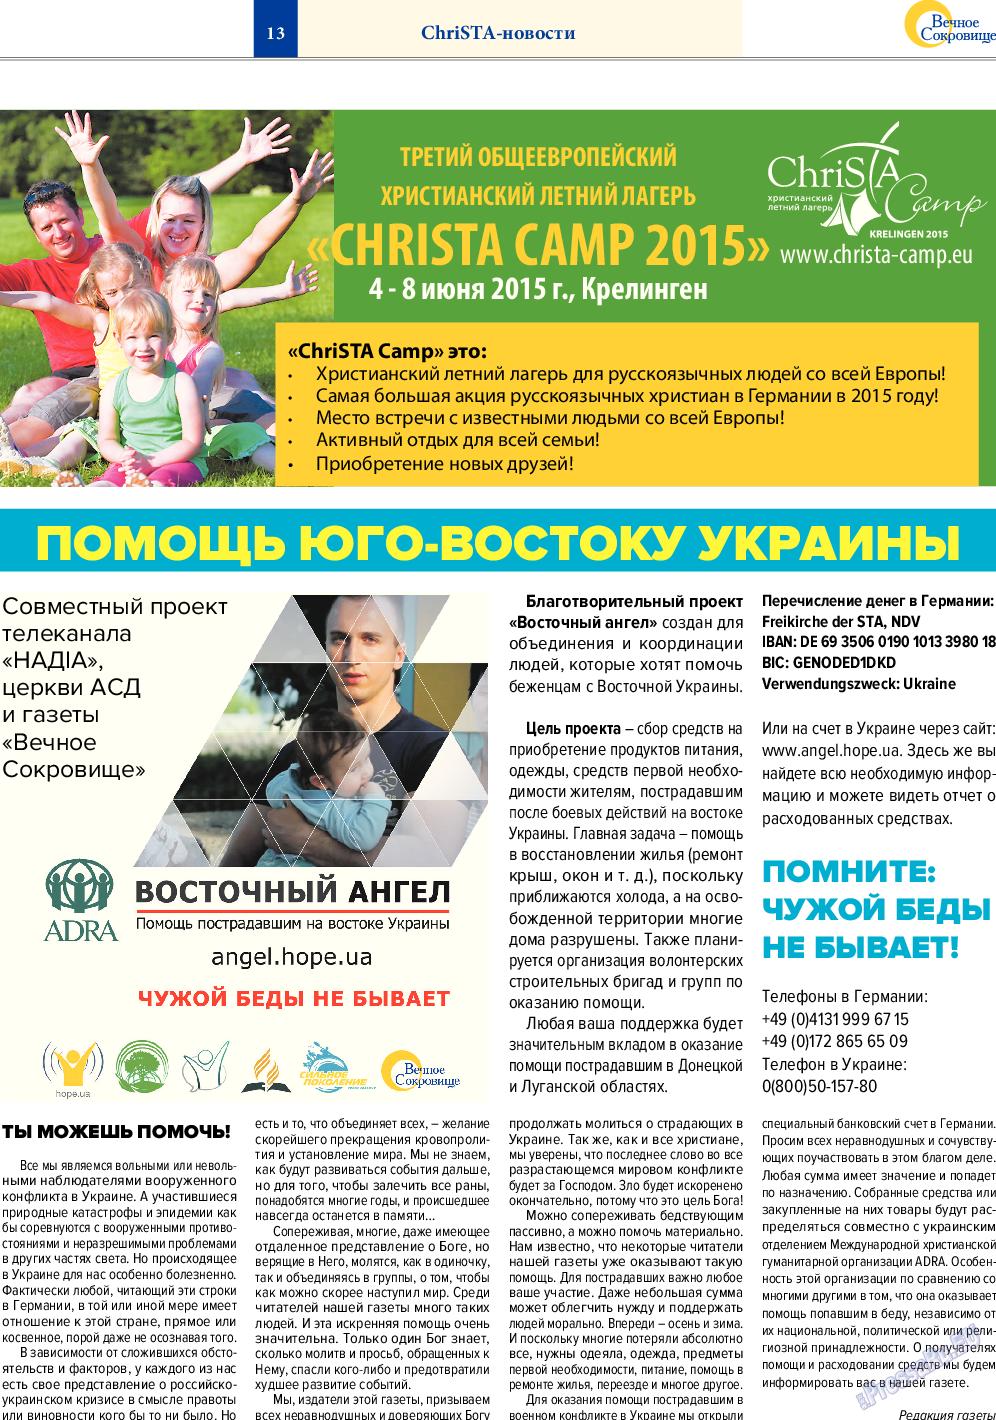 Вечное сокровище (газета). 2014 год, номер 5, стр. 13